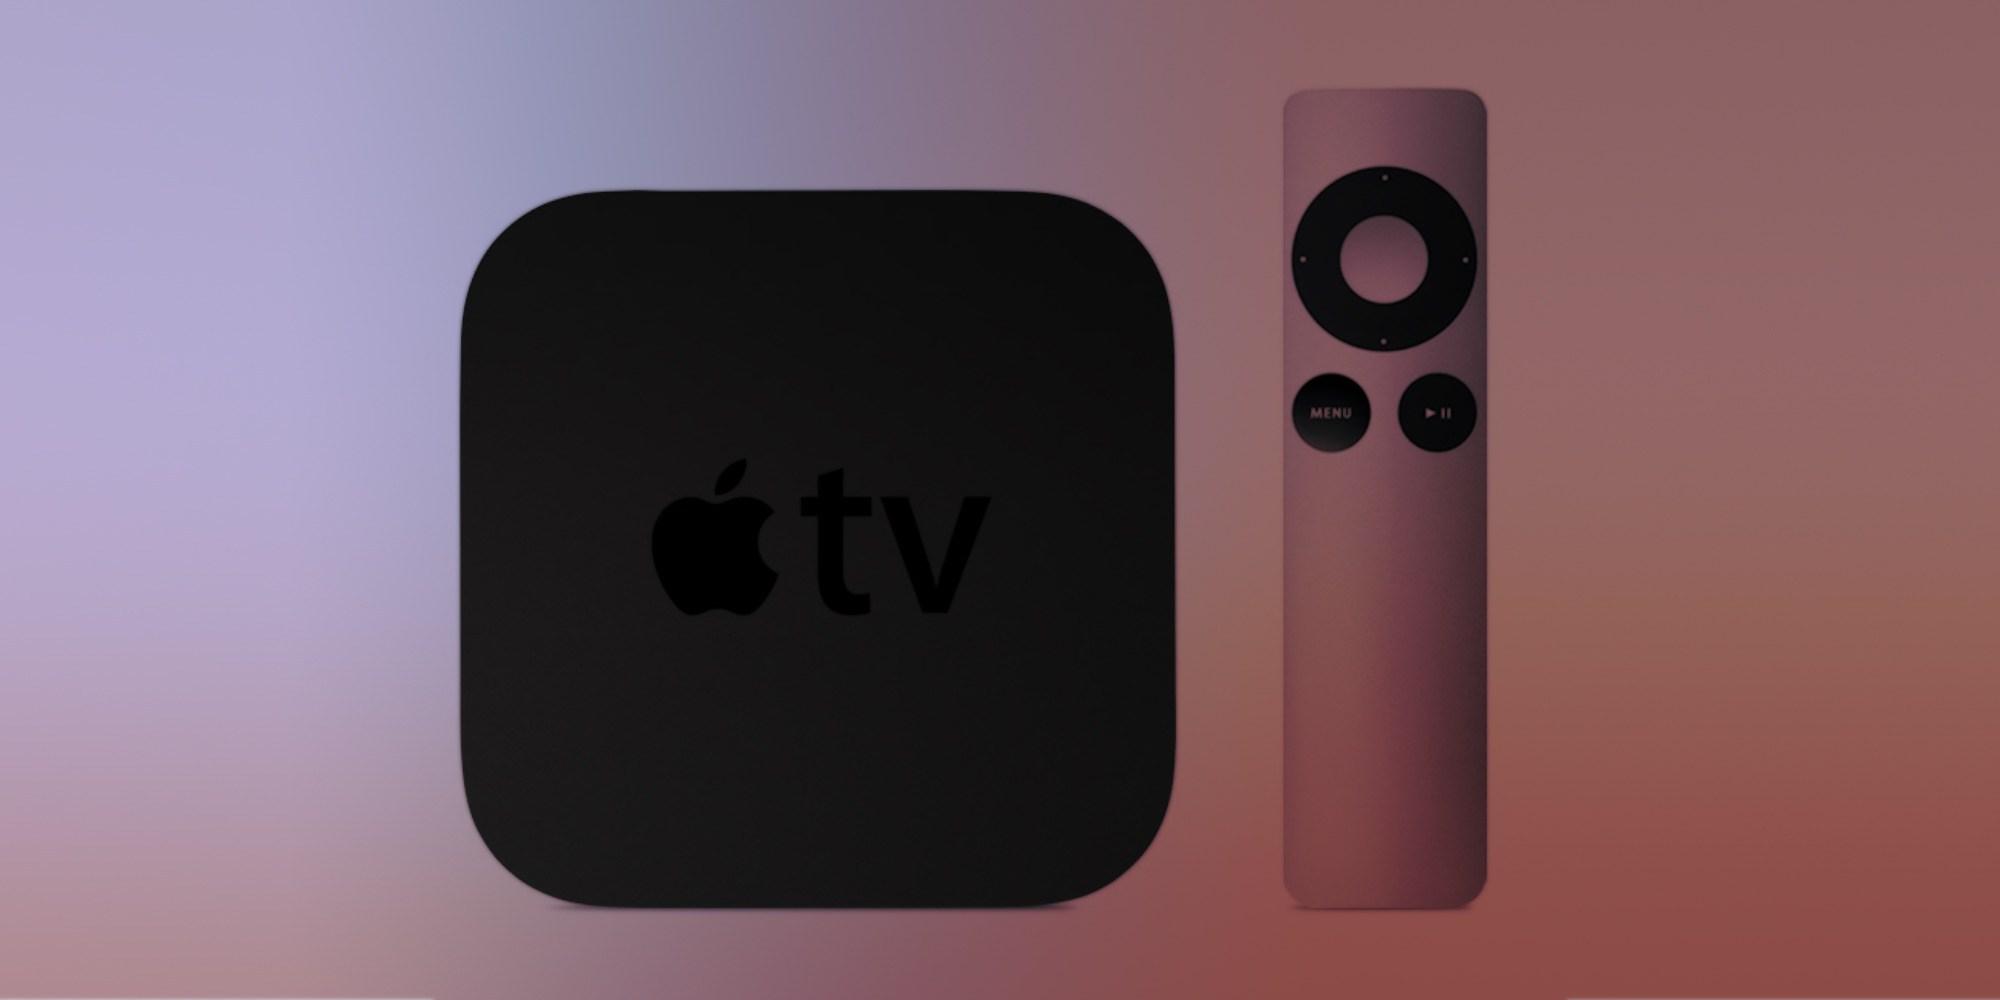 Apple TV yêu cầu AirPlay để phát lại video YouTube bắt đầu vào tháng tới